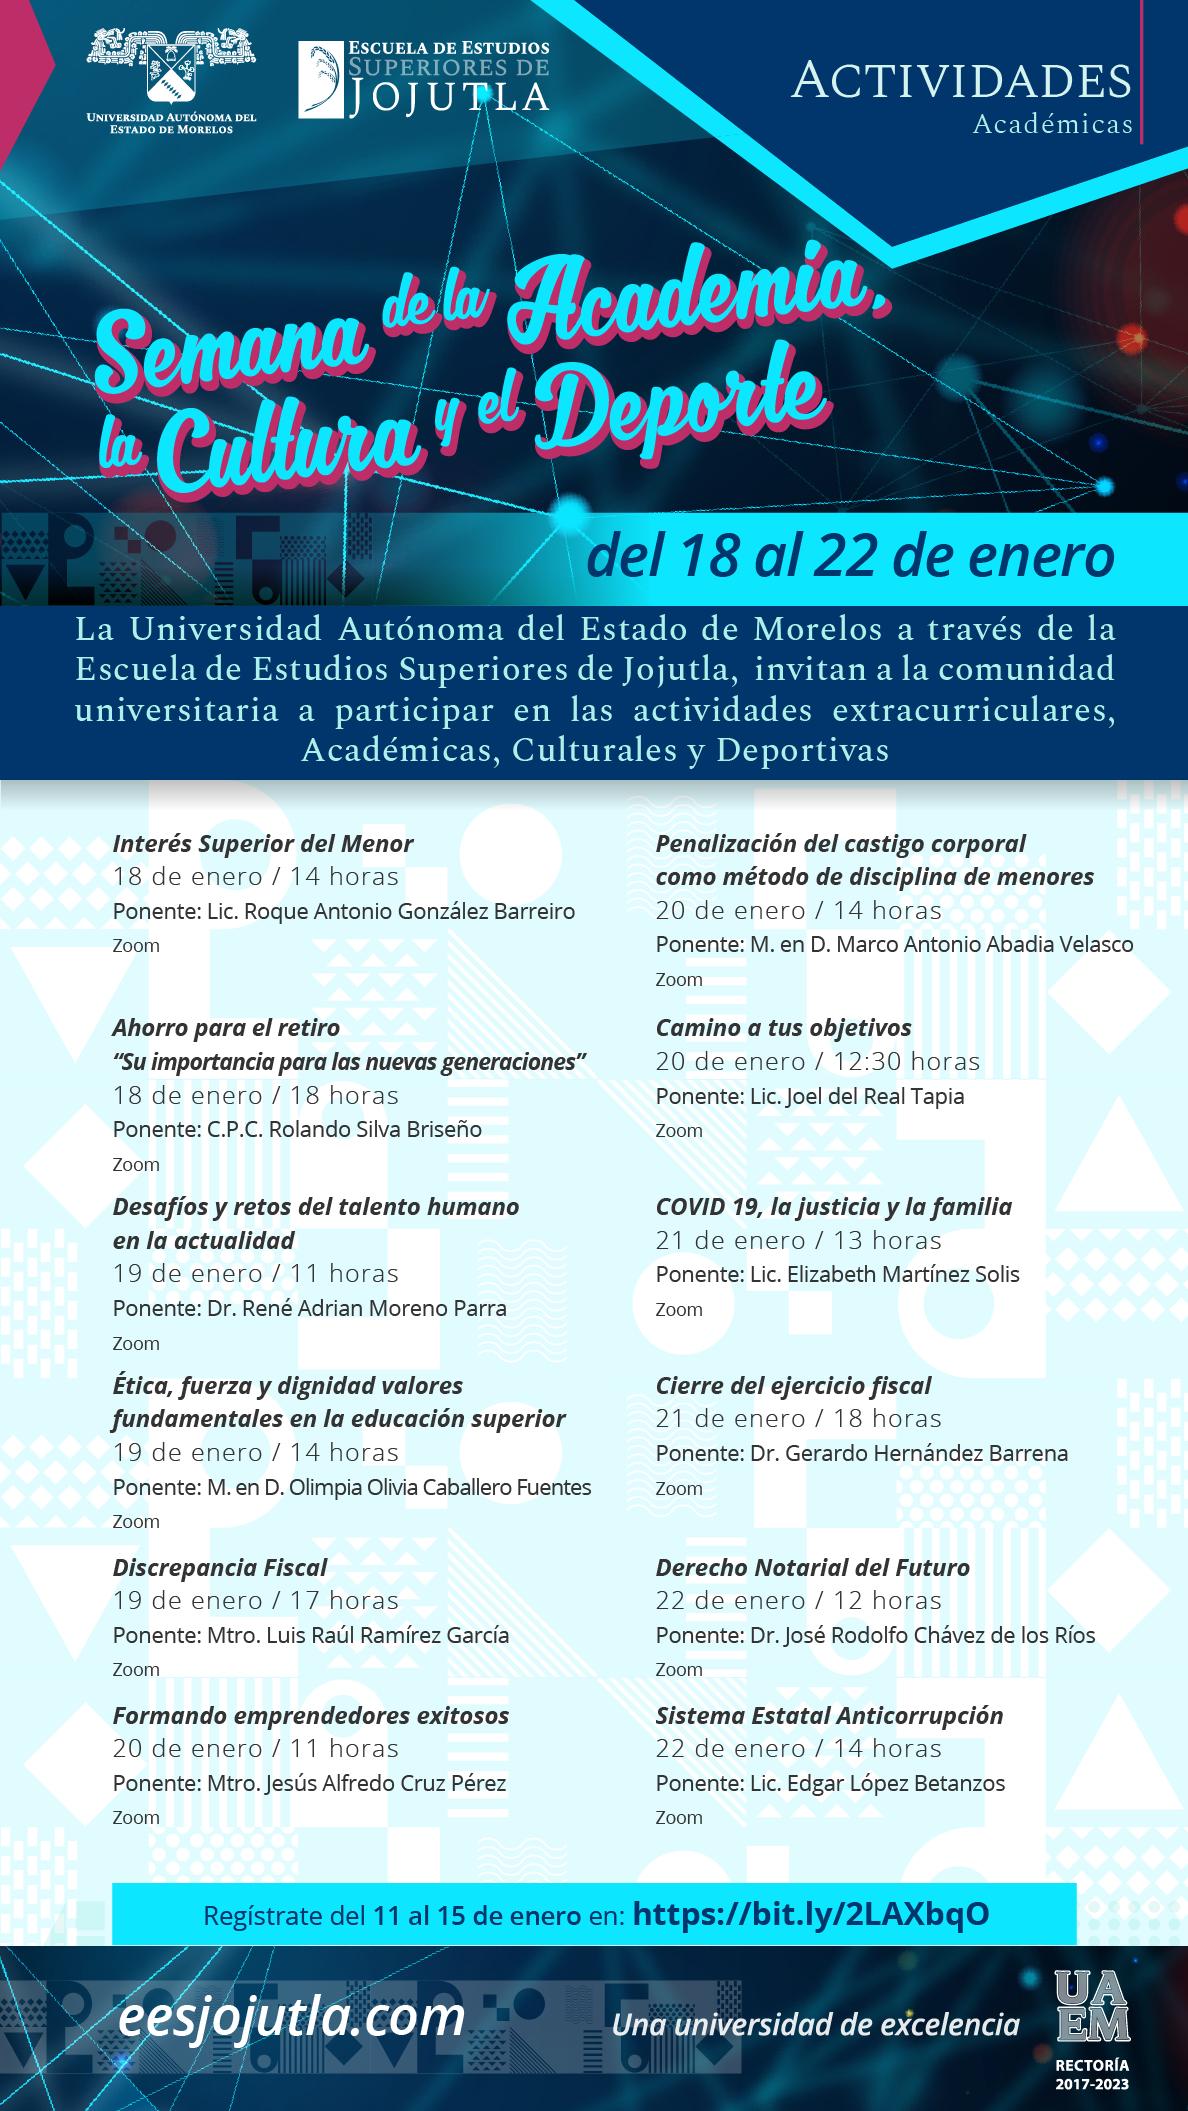 _Semana_dela_ACyD_cartel_ACADEMIA_07282020